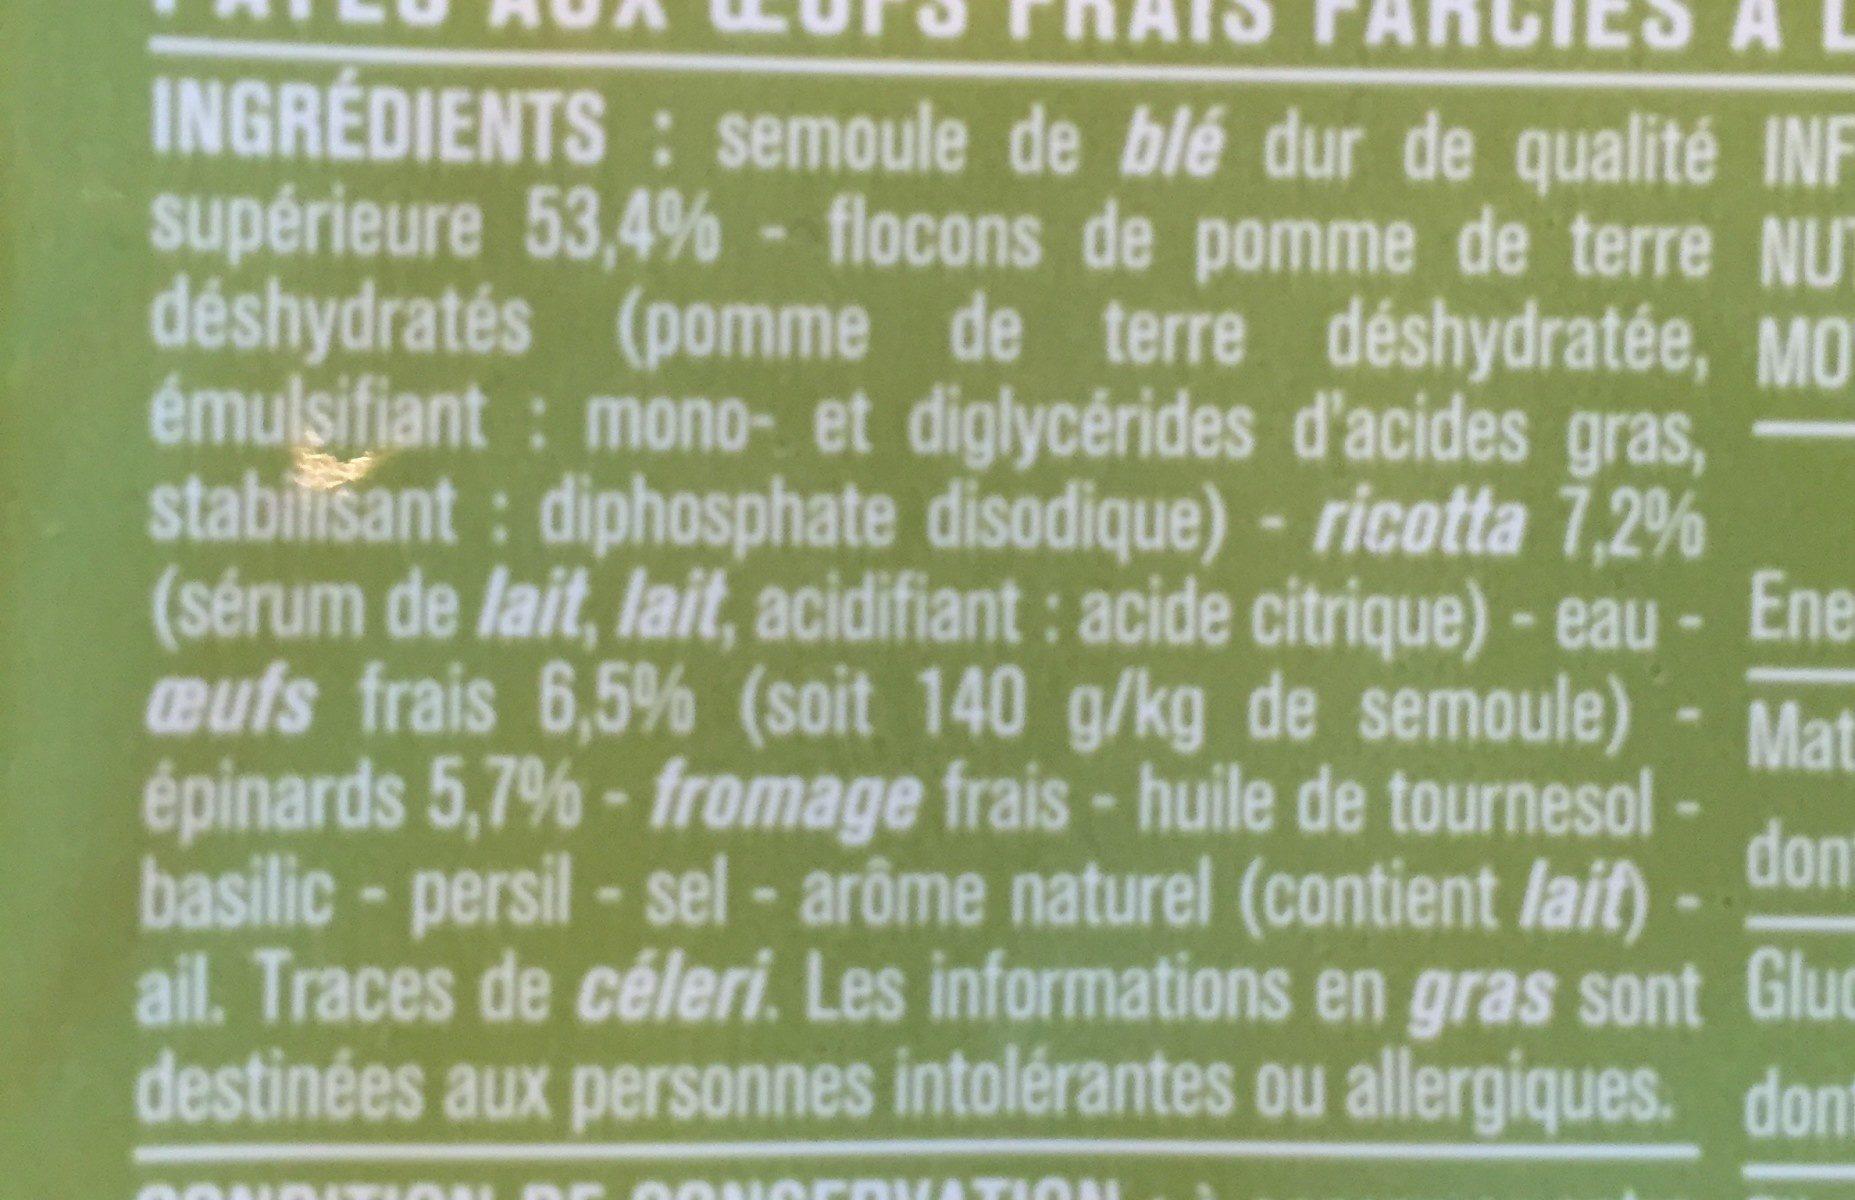 Tortellini aux oeufs frais, à la ricotta et épinards - Ingredients - fr